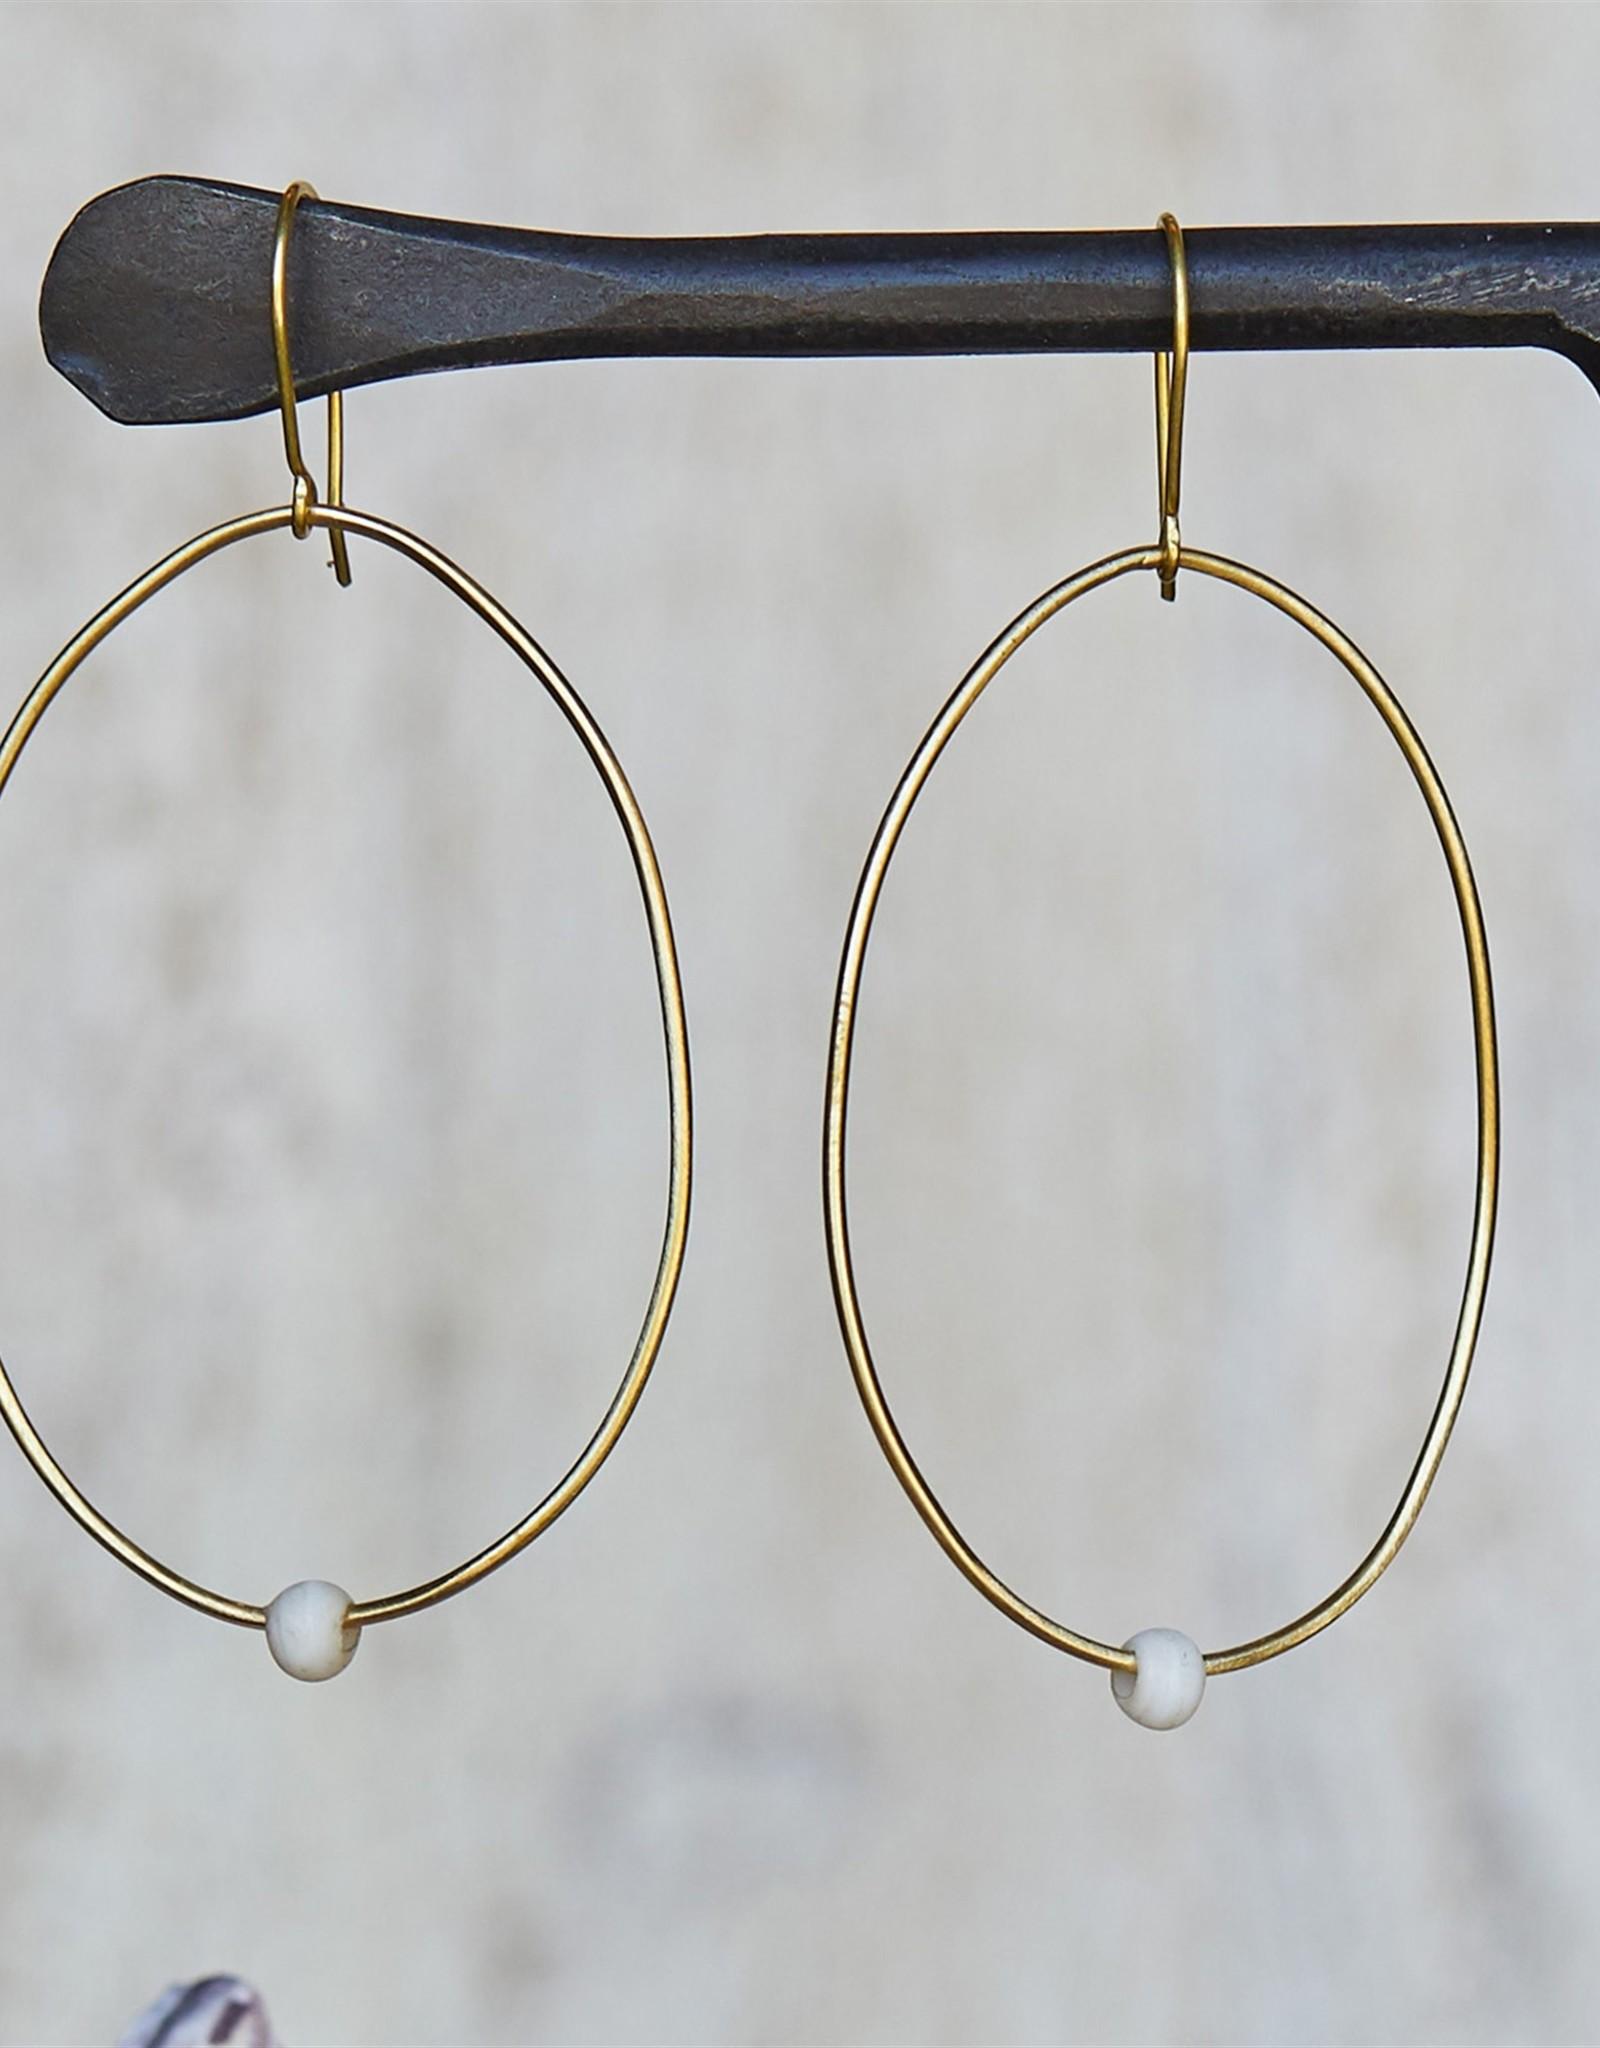 HOMART Lombok Oval Earring